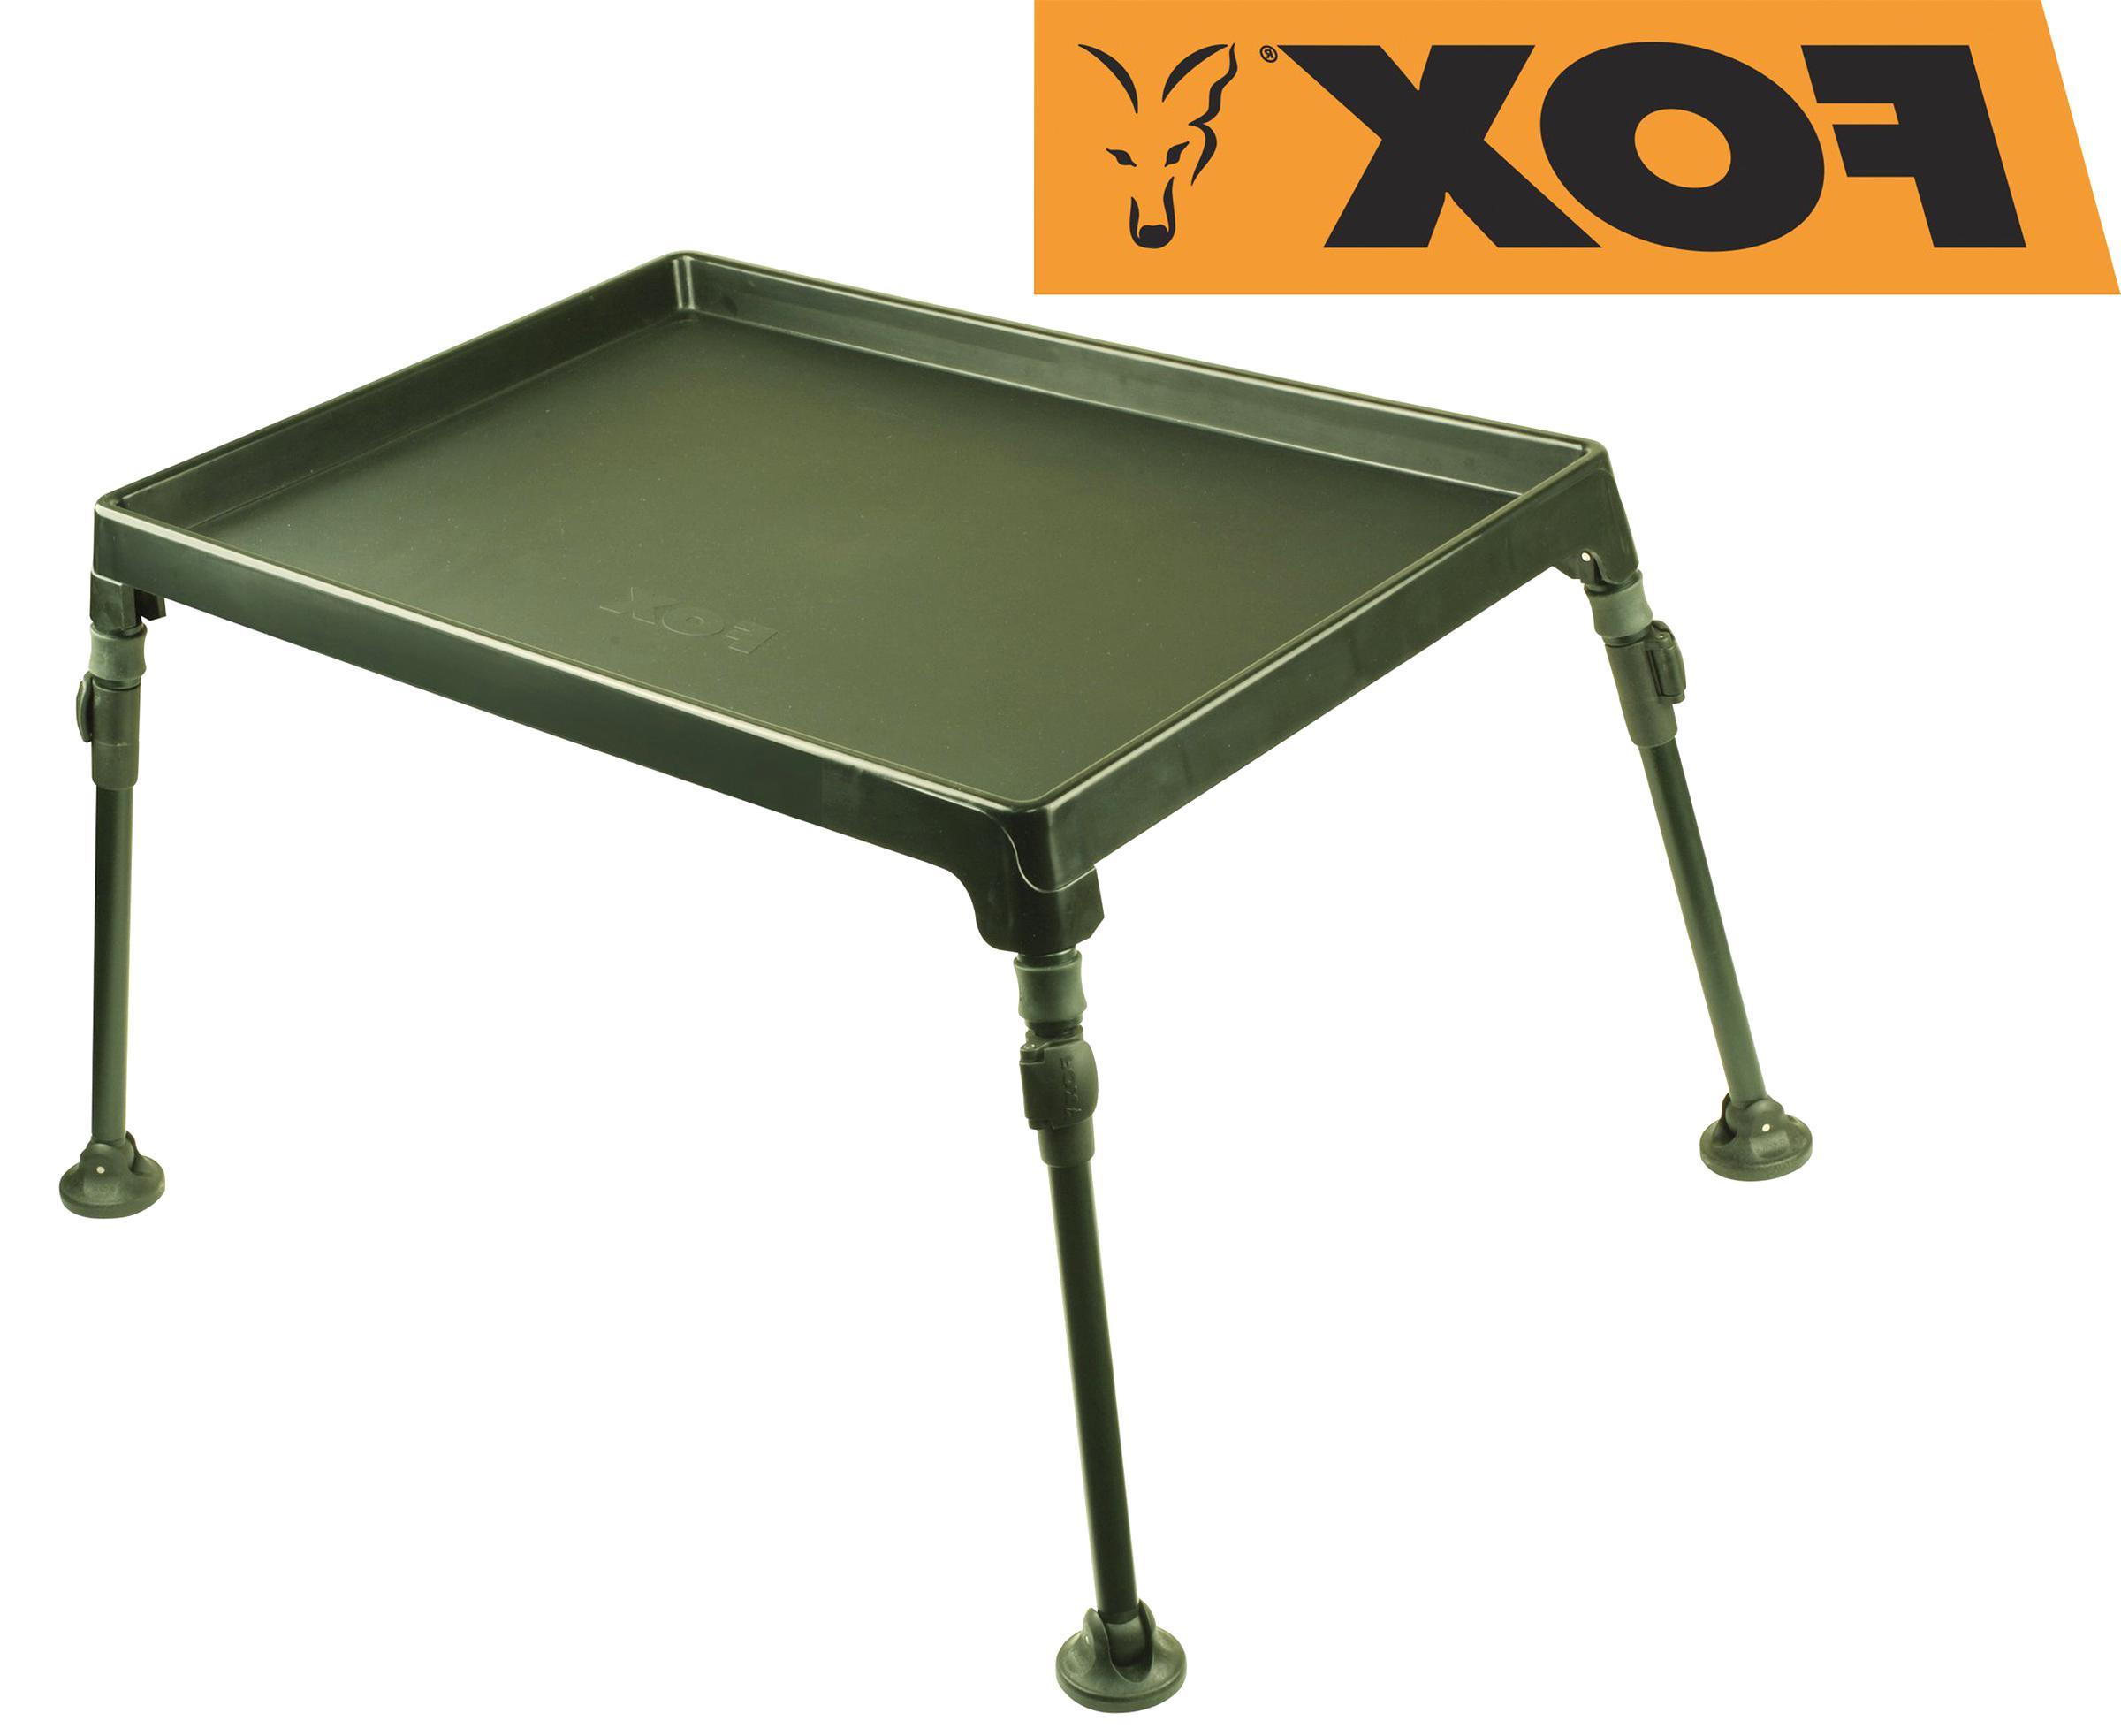 zelt tisch gebraucht kaufen nur noch 4 st bis 75 g nstiger. Black Bedroom Furniture Sets. Home Design Ideas